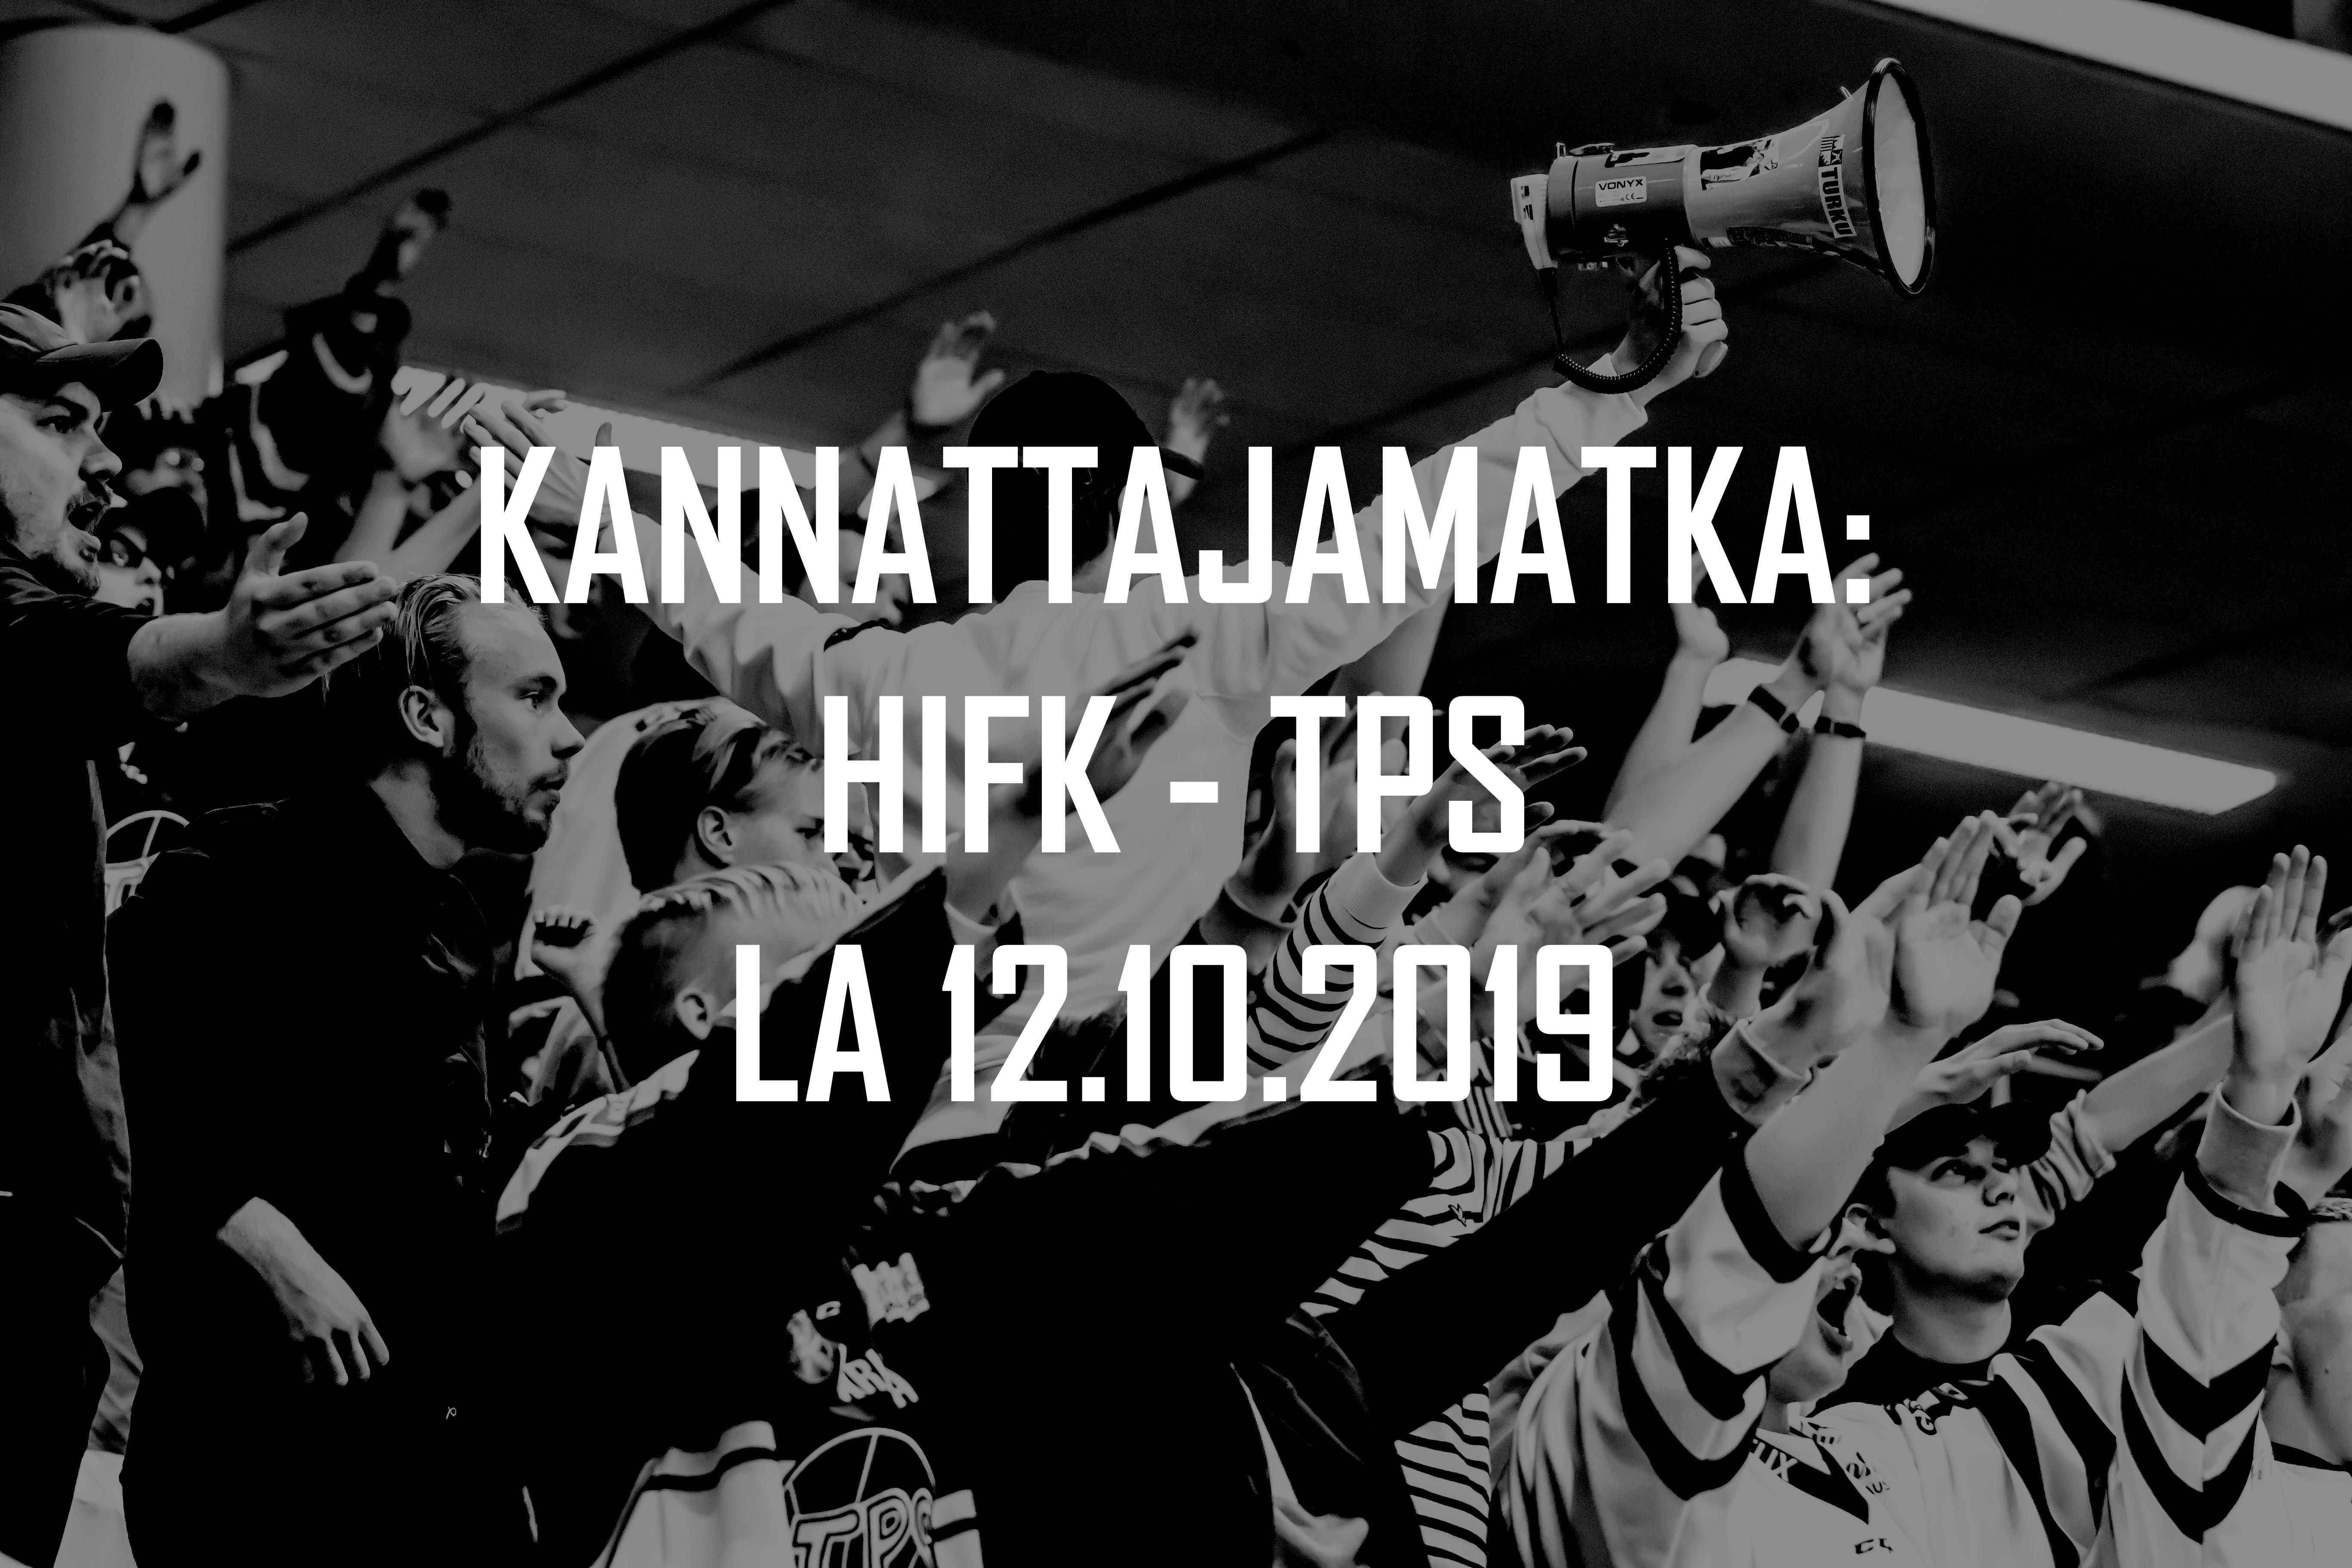 Kannattajamatka: HIFK – TPS 12.10.2019